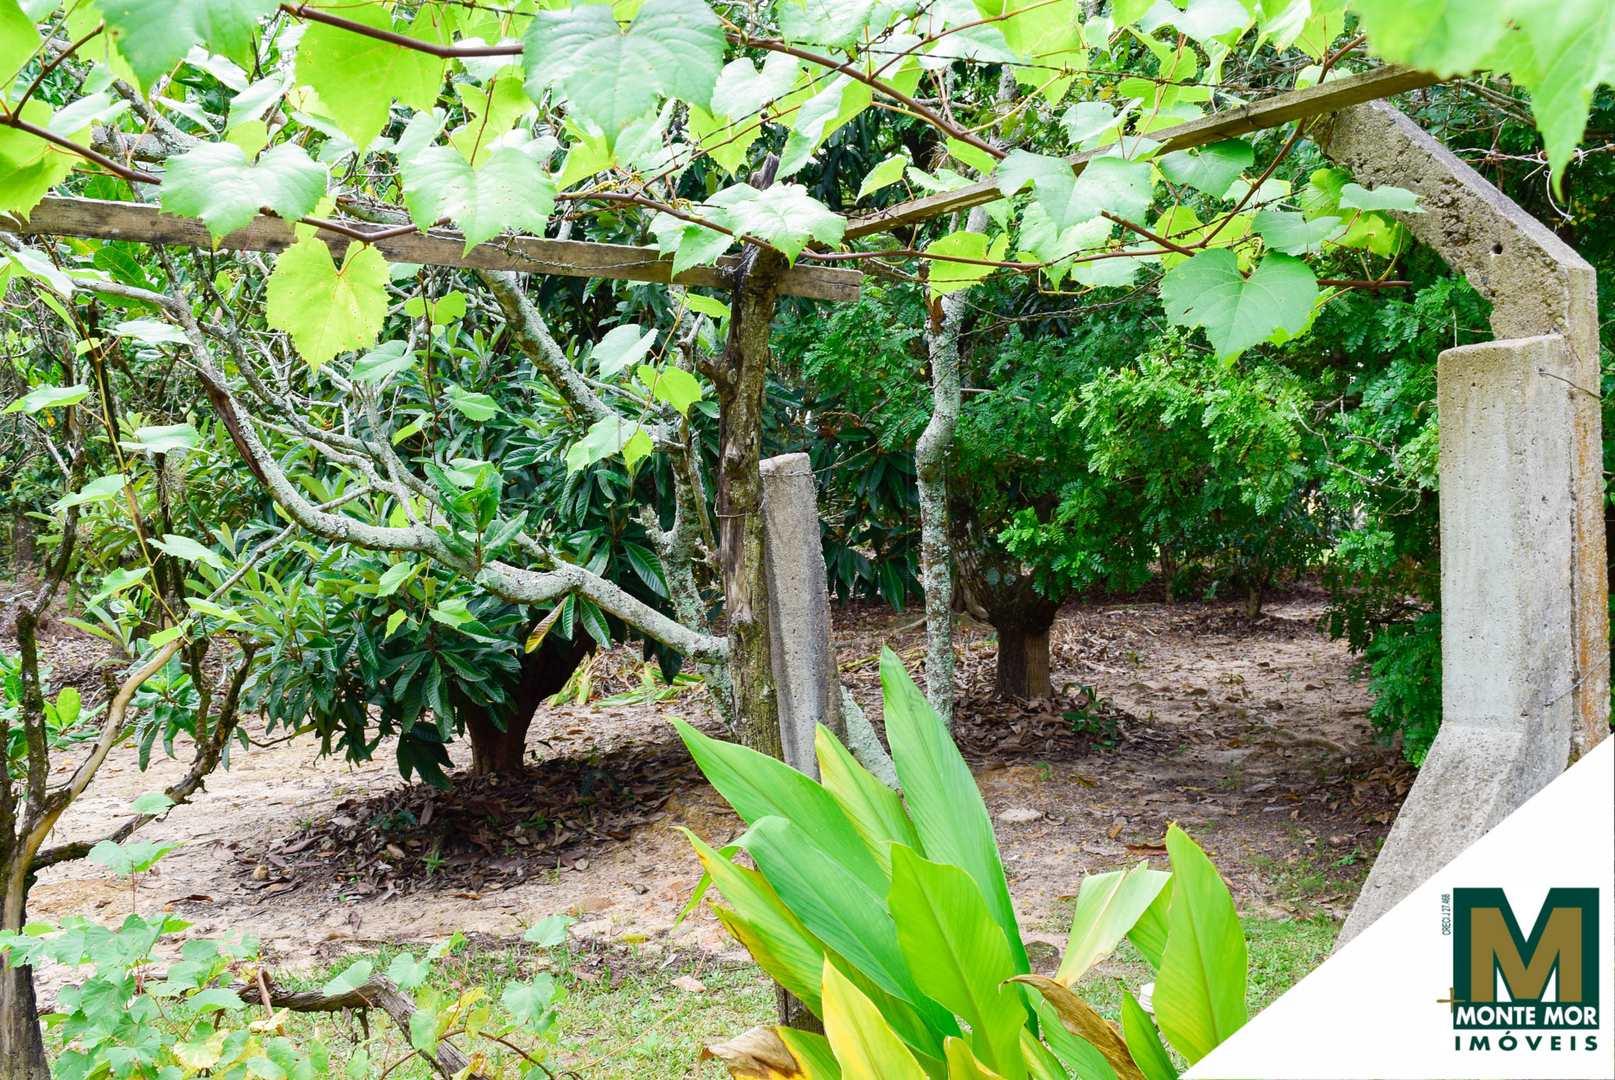 Chácara com 6 dorms - Chácara Recreio Planalto - Monte Mor